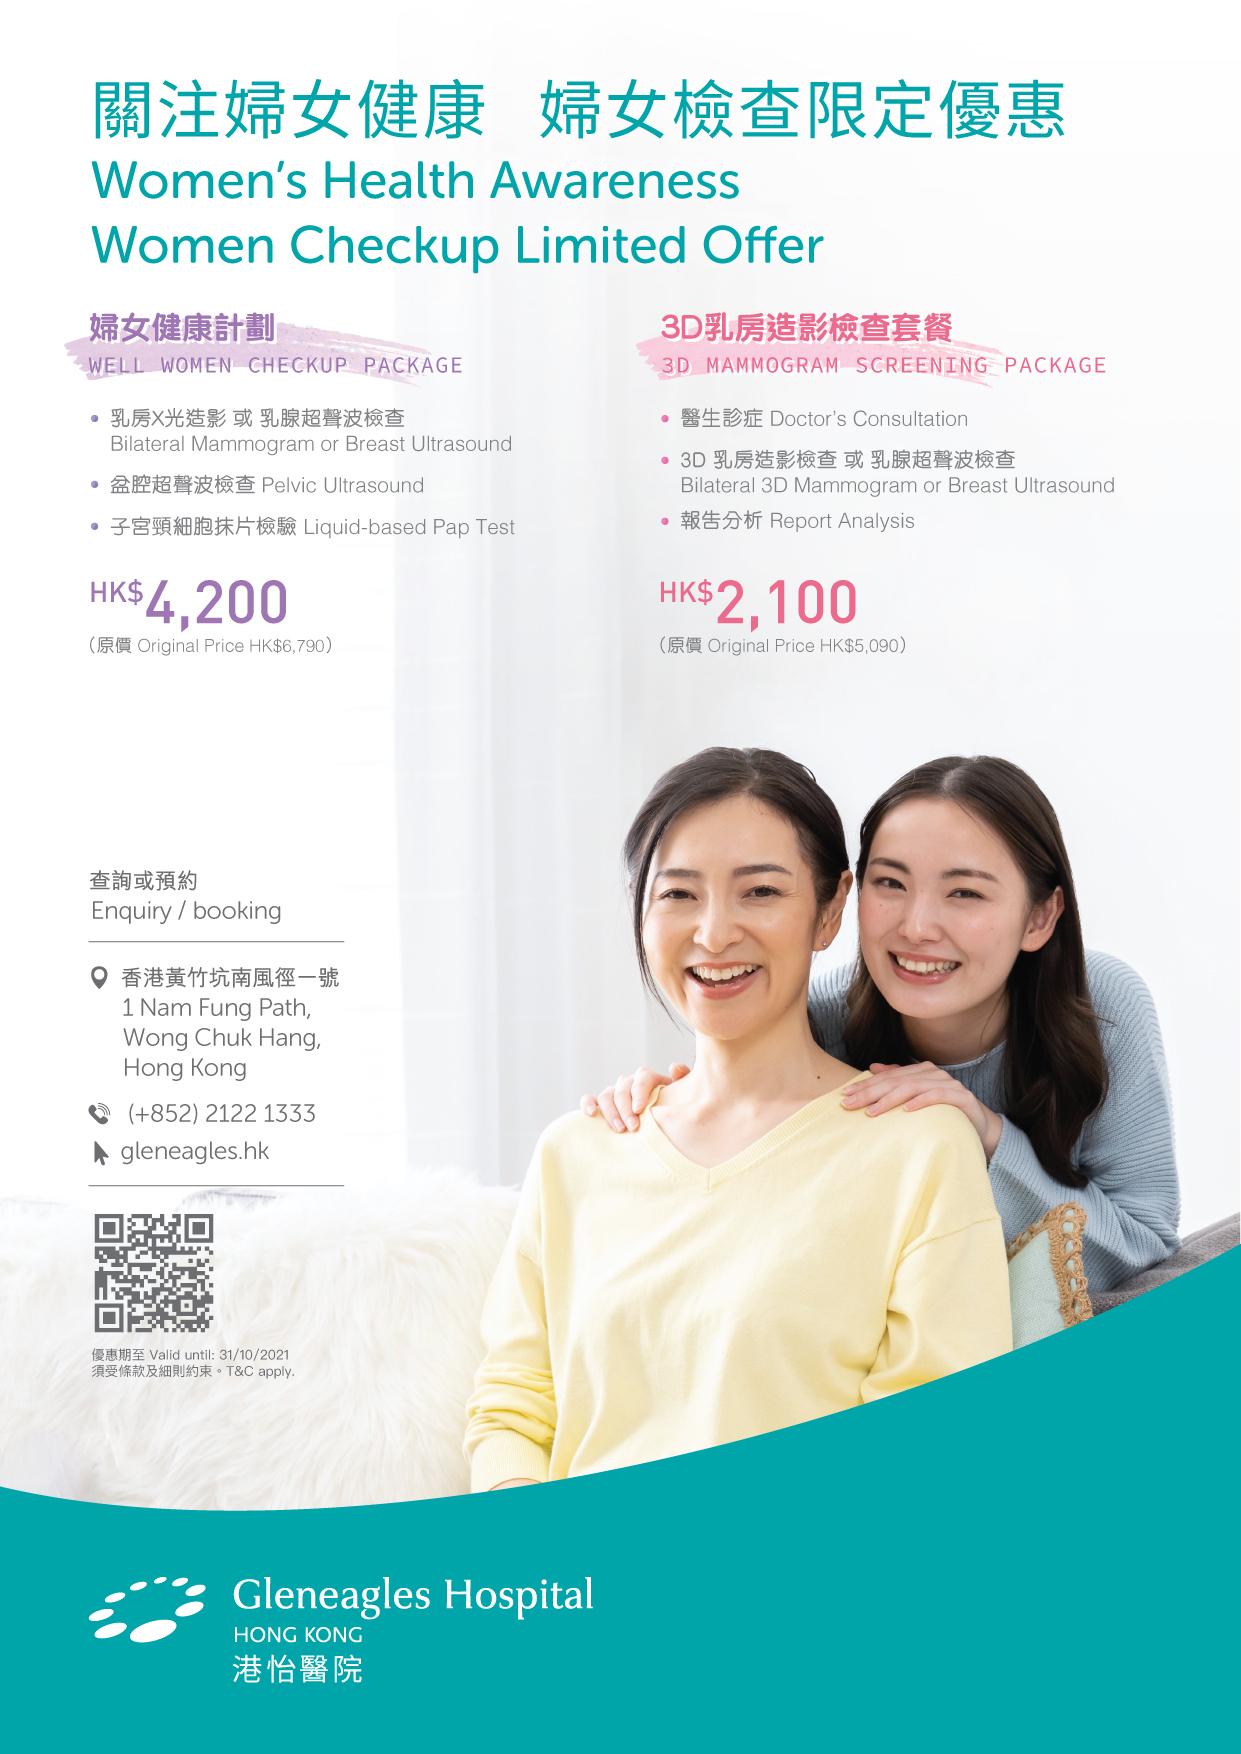 Women-Health-Awareness-_02.jpg#asset:227497:url